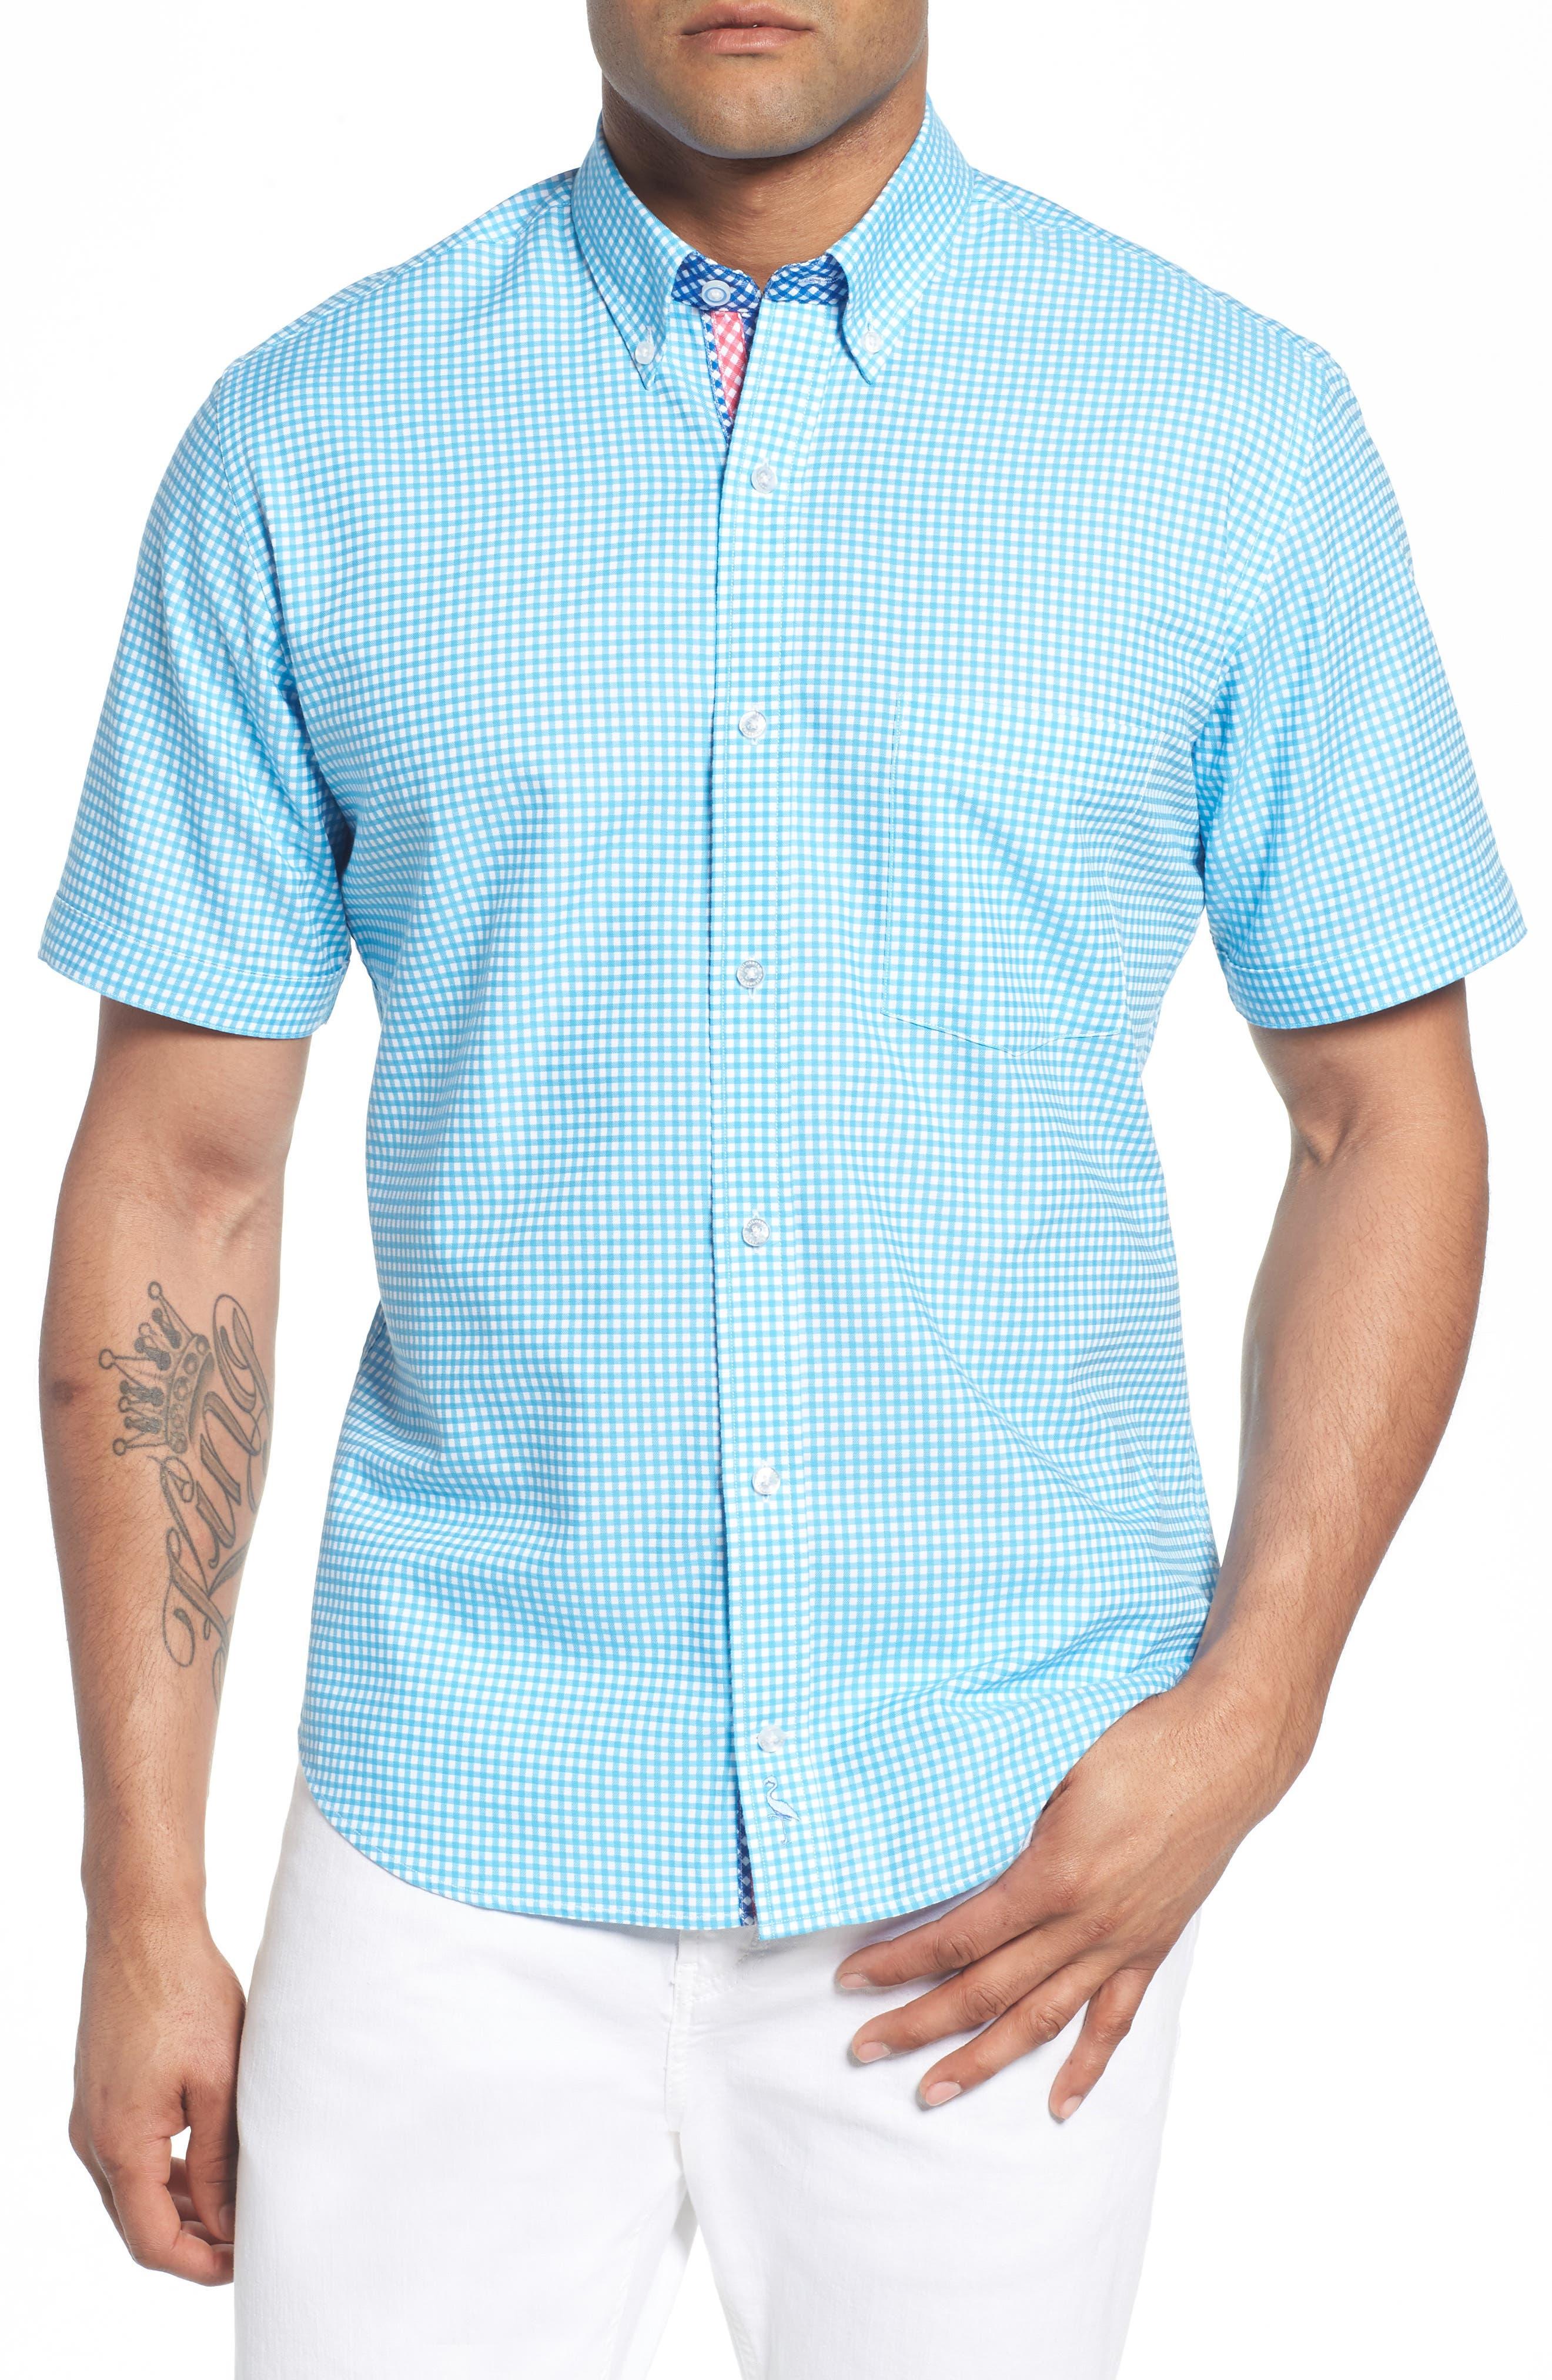 Aden Regular Fit Sport Shirt,                             Main thumbnail 1, color,                             Aqua